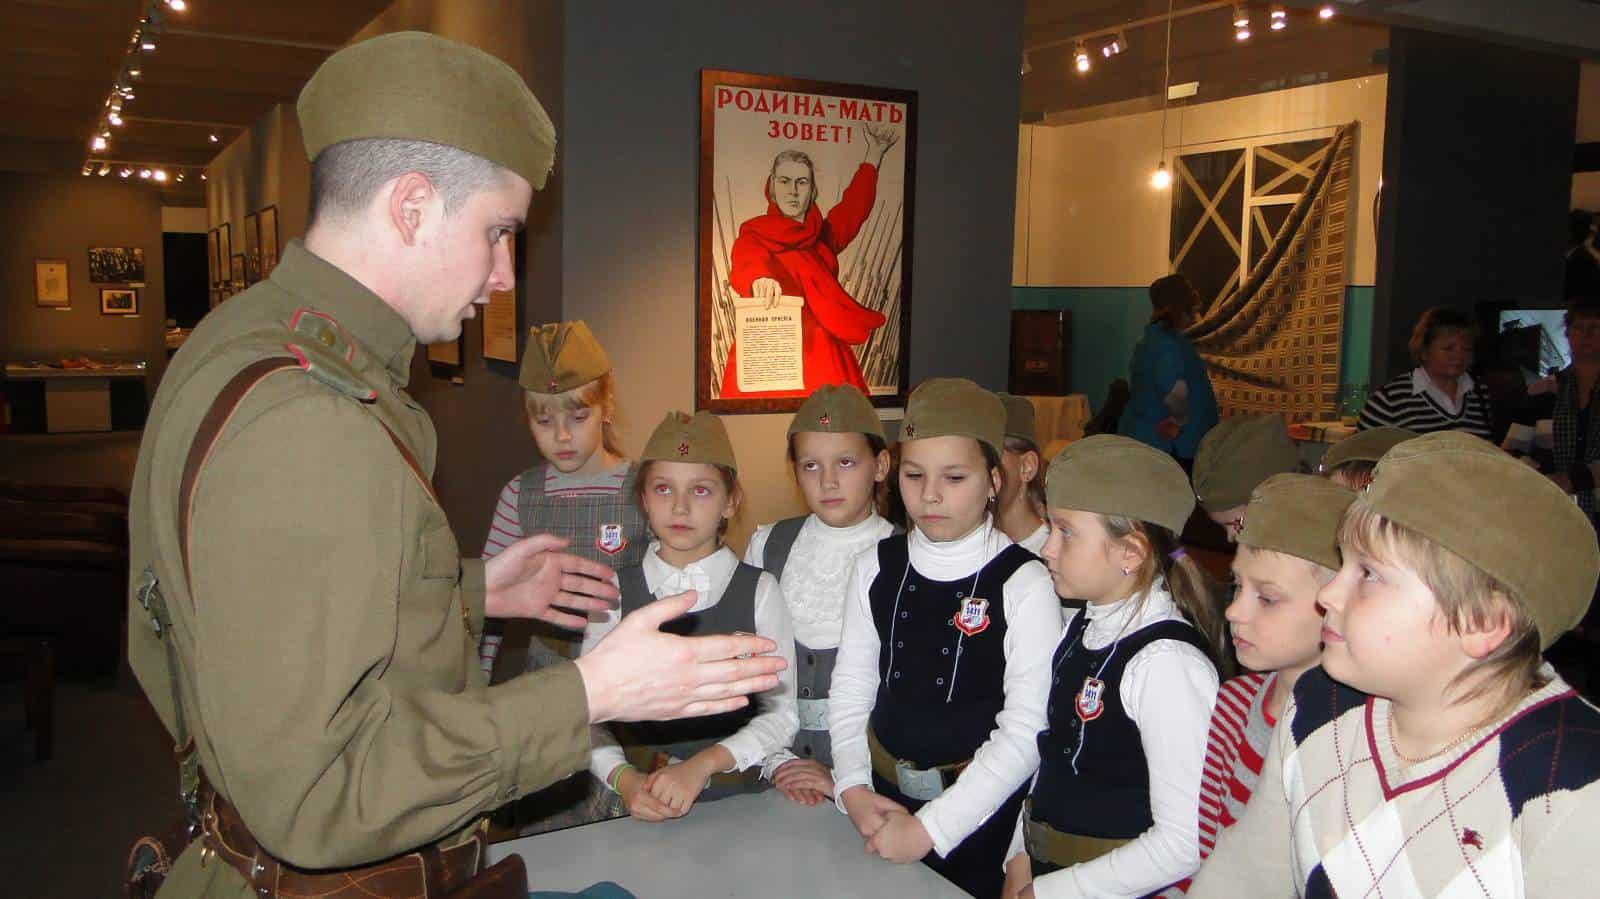 """Photo of Проект """"Музеи – детям"""" Проект """"Музеи - детям"""" Проект """"Музеи – детям"""" 1 45"""